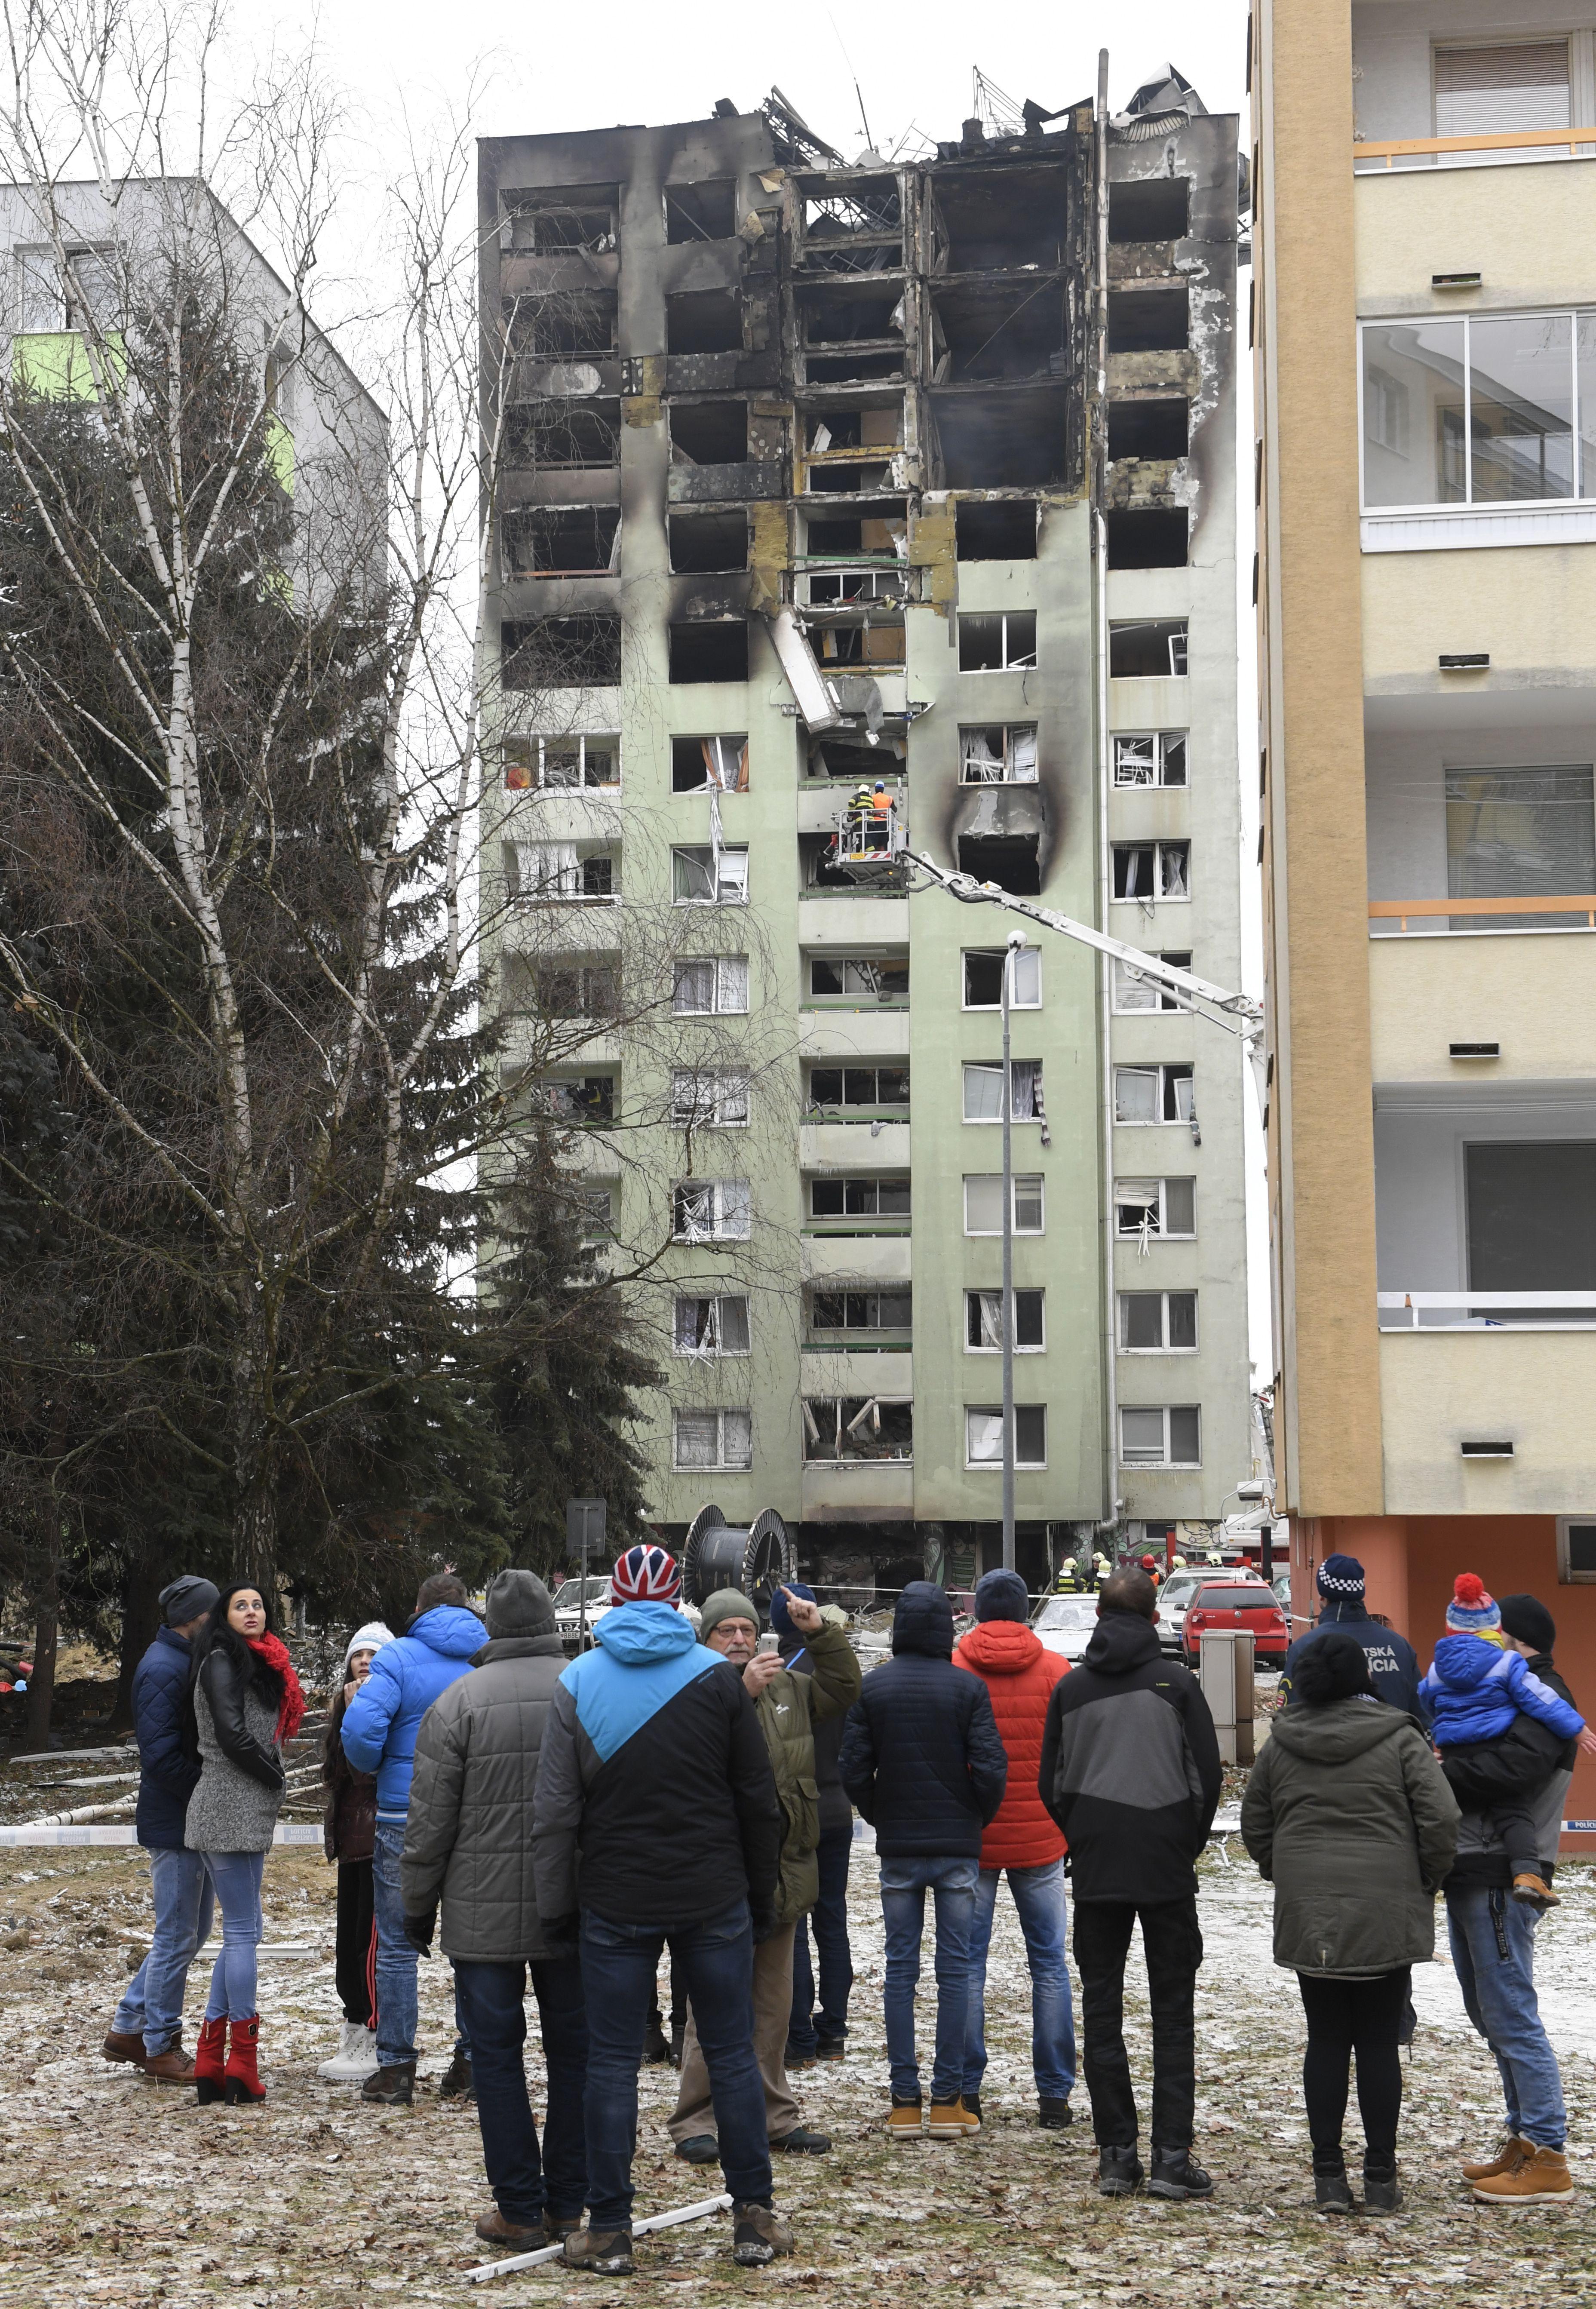 Slováci vyzbierali obetiam tragédie v Prešove stovky tisíc, firmy ponúkajú postele zadarmo. Čo sa udialo od explózie o 12:12:52?